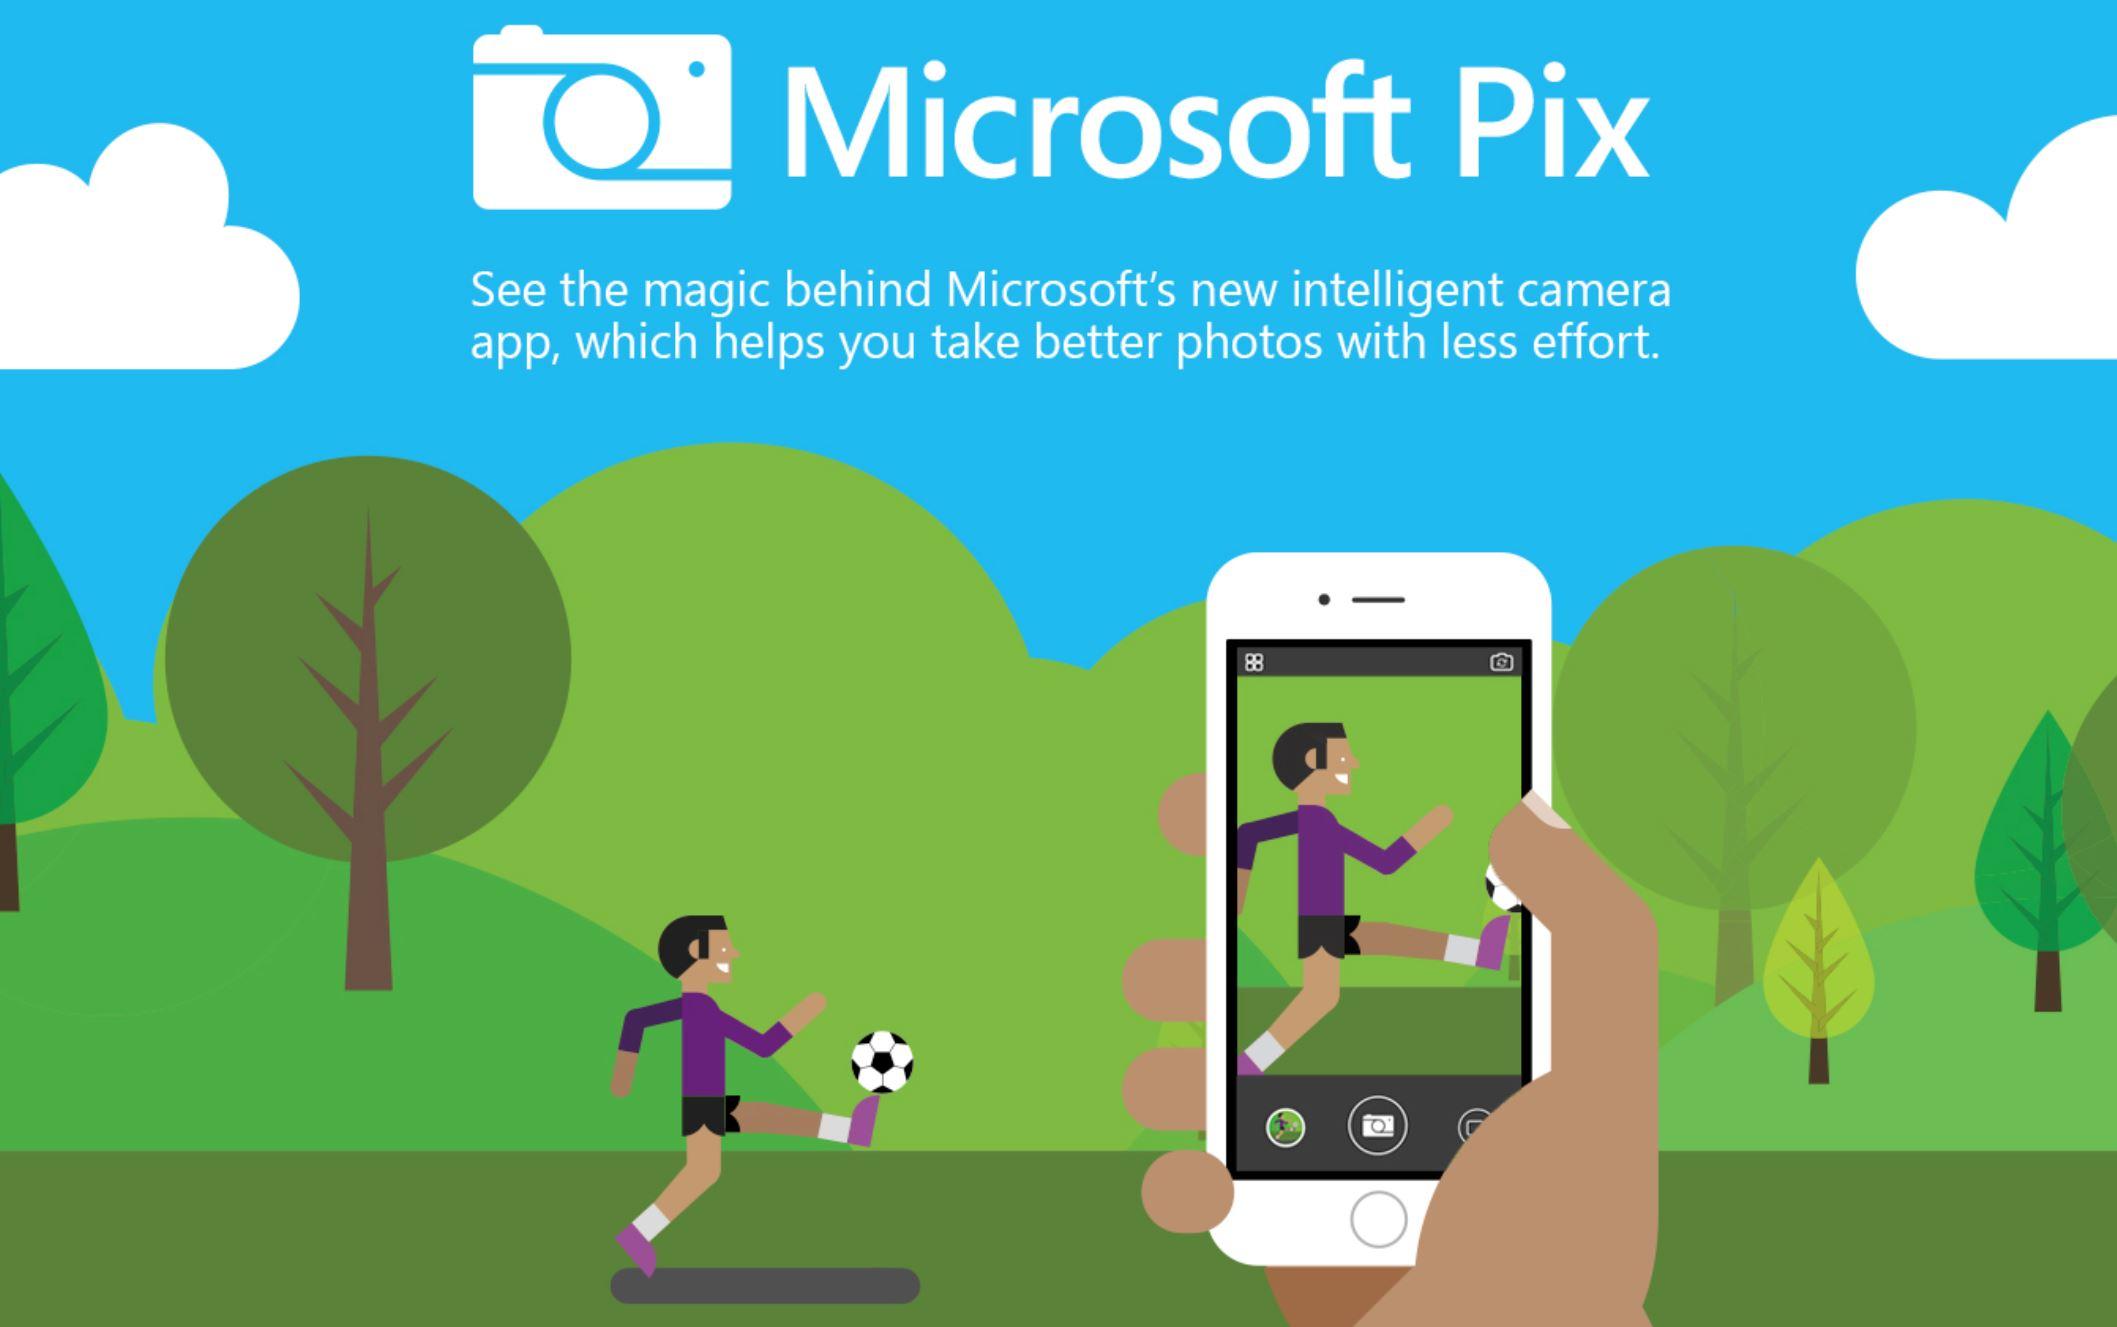 Aplicativo Microsoft Pix Camera para iOS é atualizado com suporte ao Dual Lens no iPhone 7 Plus e mais: